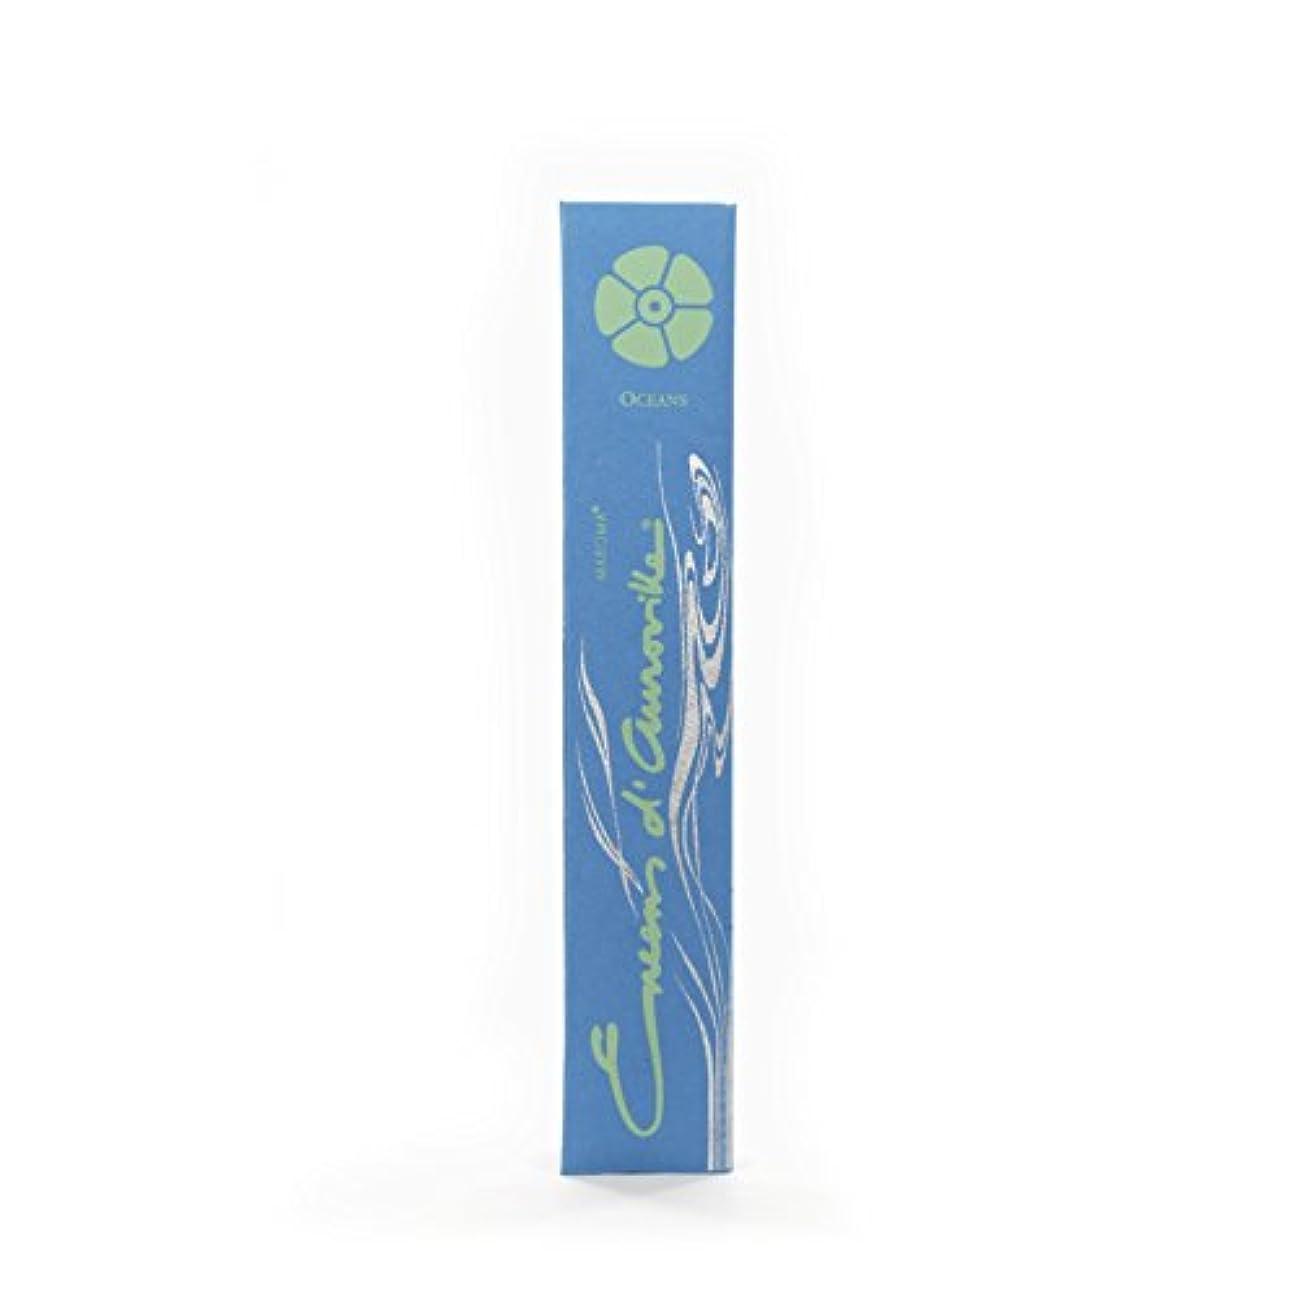 勝利誓いポスト印象派Maroma自然Incense Encens d 'auroville Oceans 10 Sticks